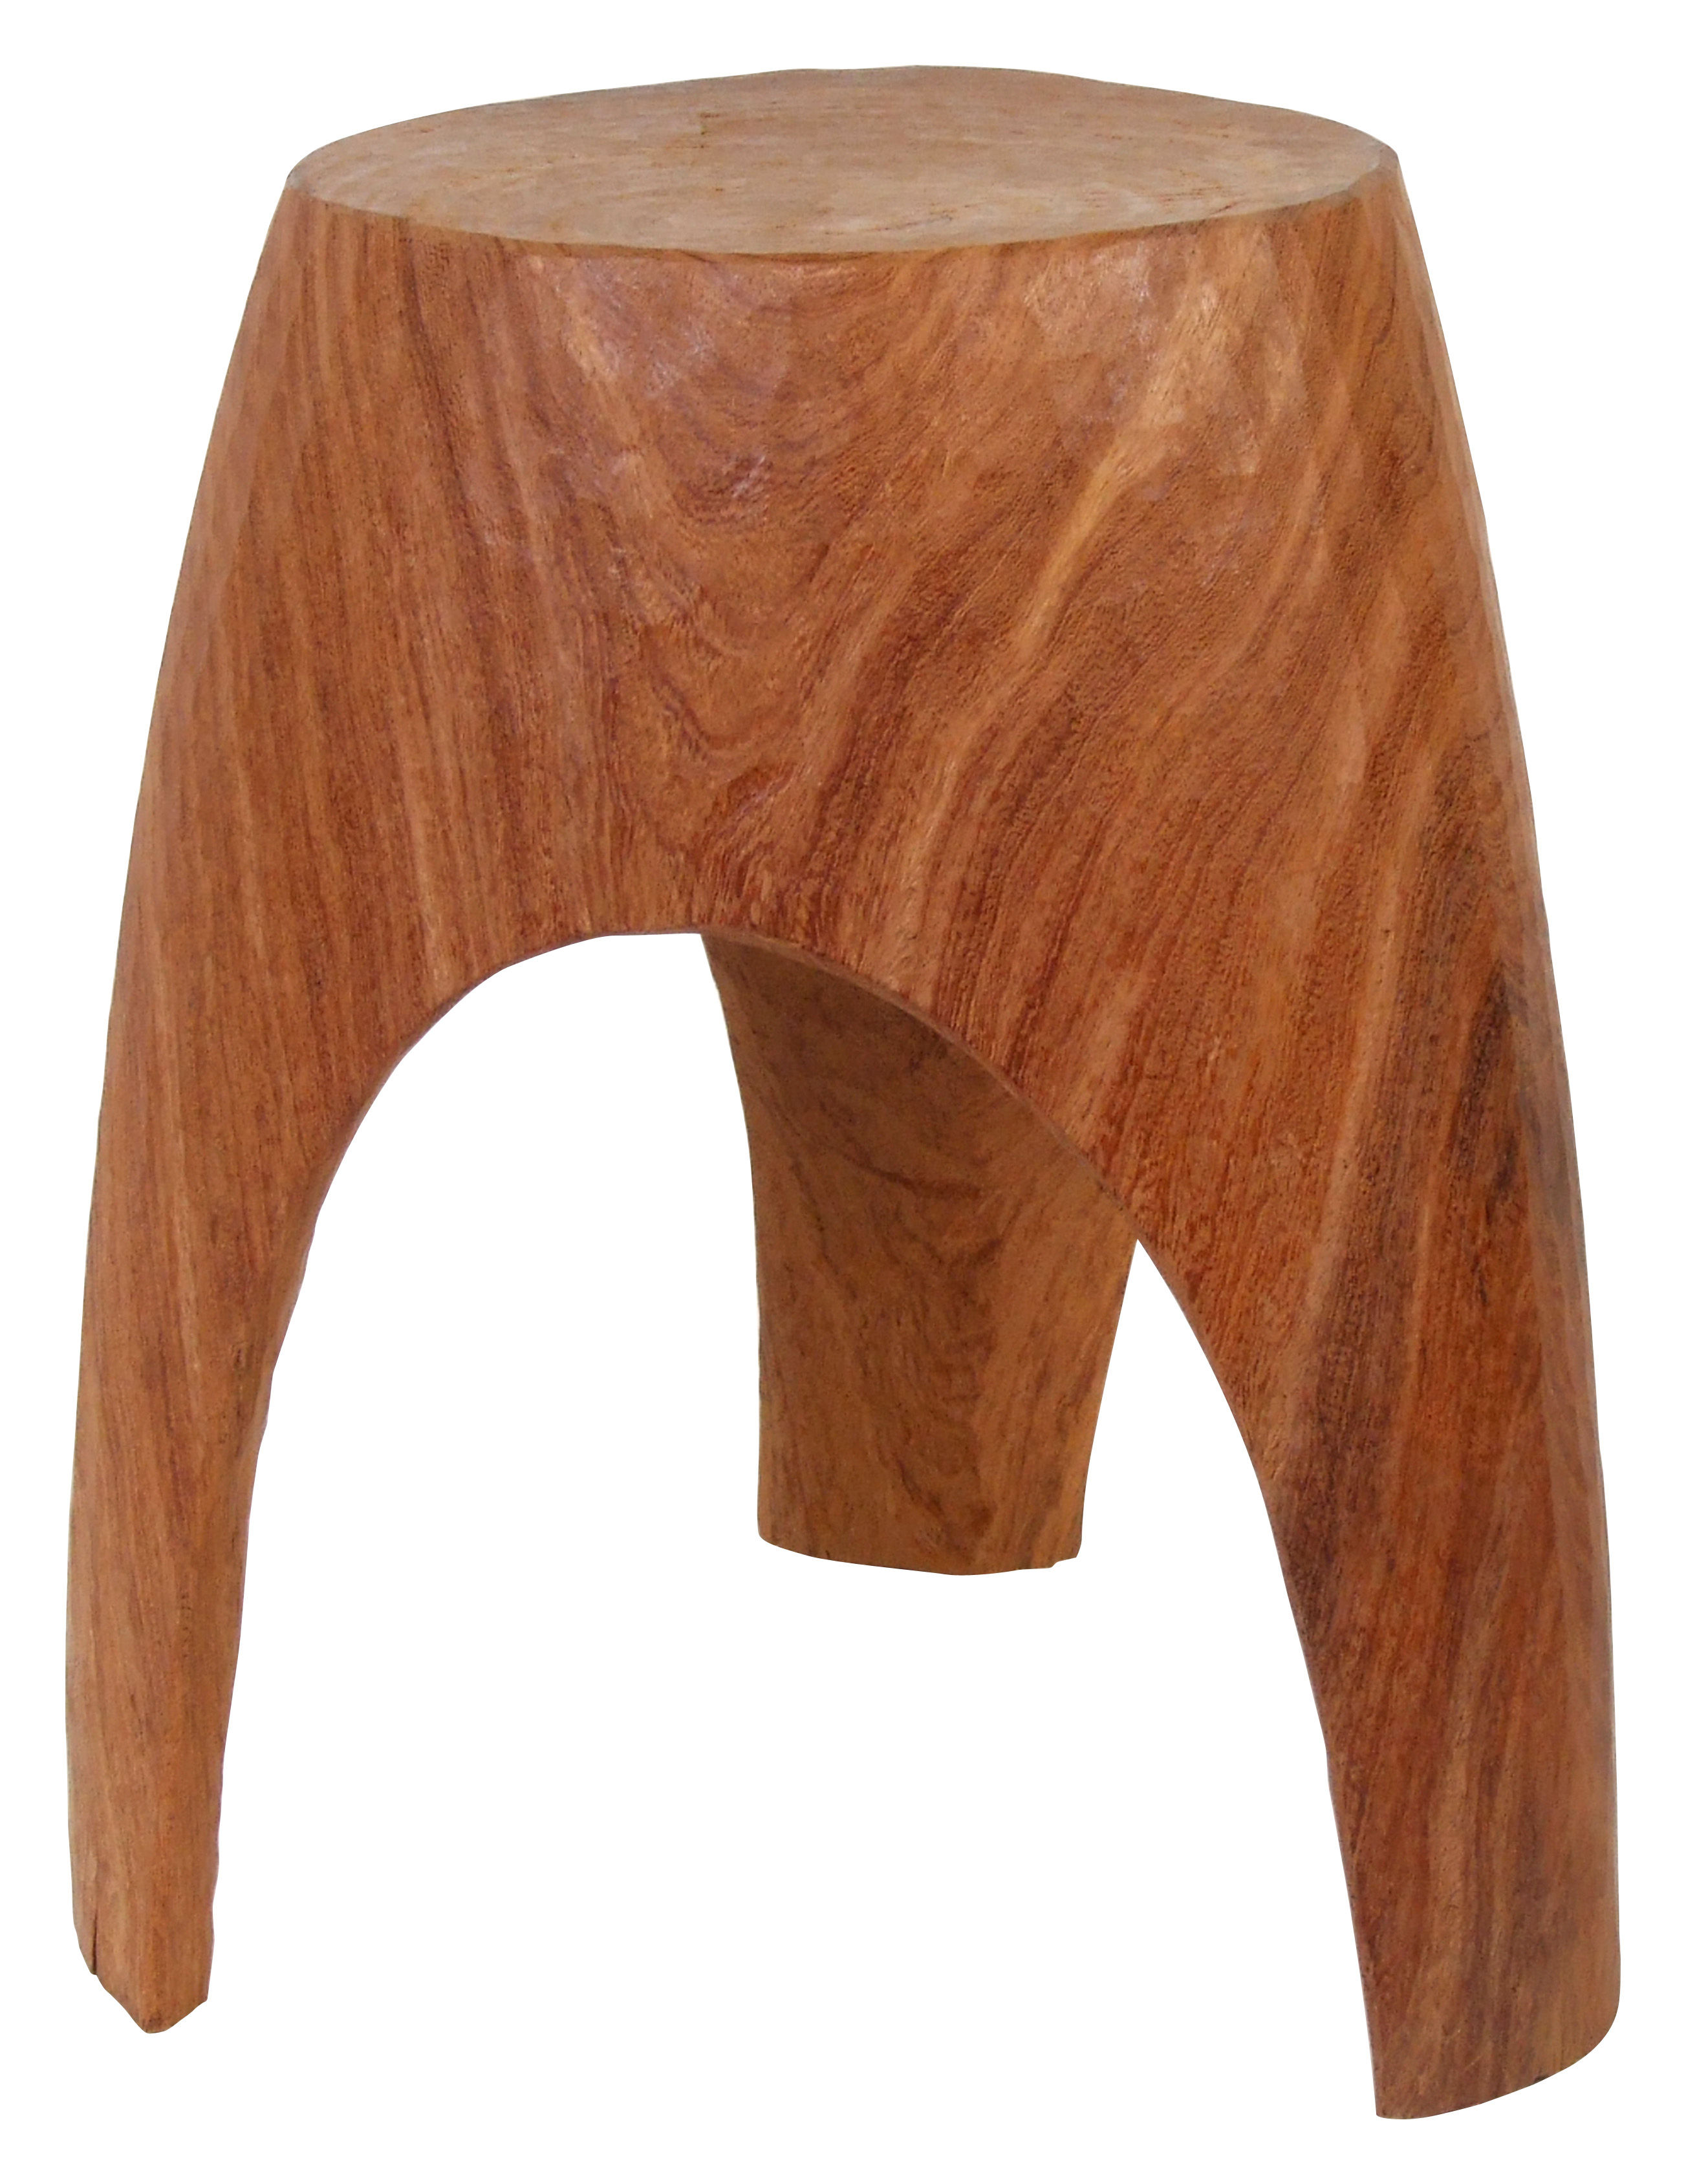 Möbel - Hocker - 3 Legs Hocker - Pols Potten - Holz - Holz